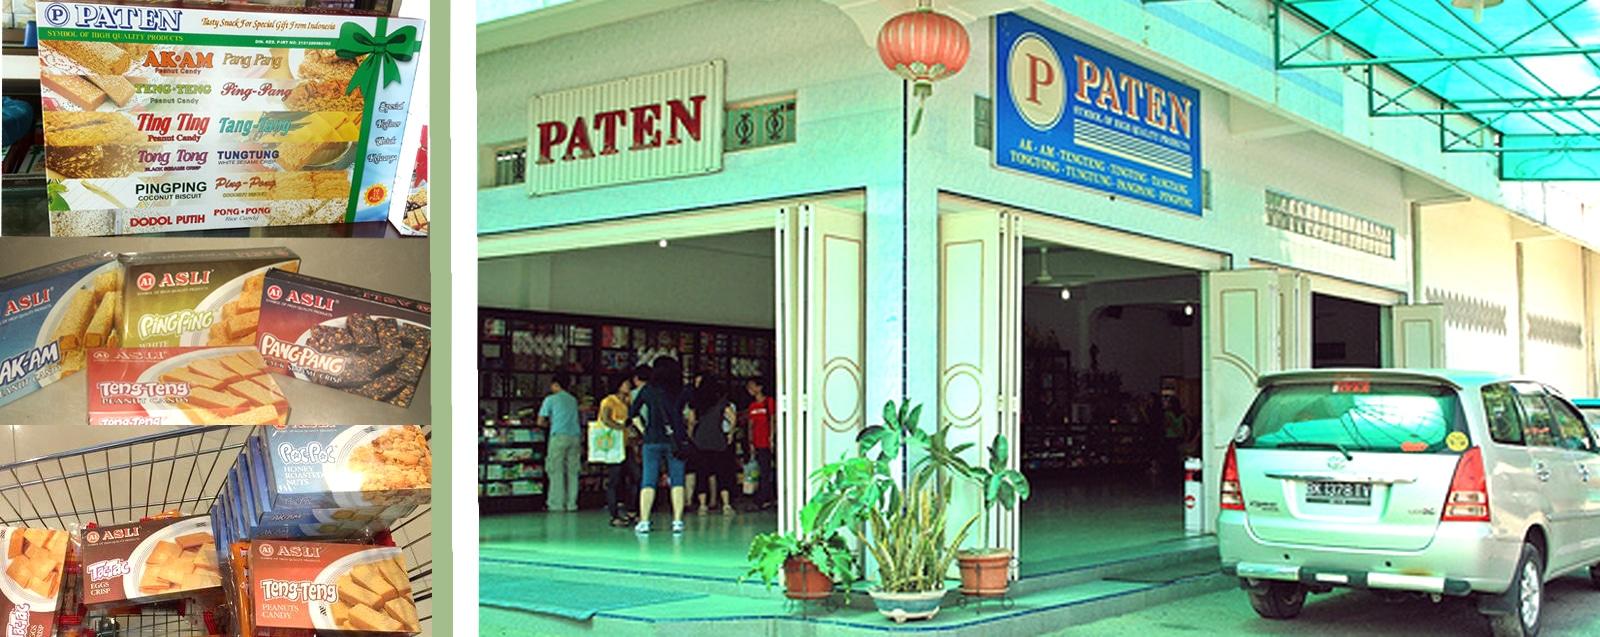 menikmati oleh oleh khas Toko Paten Siantar